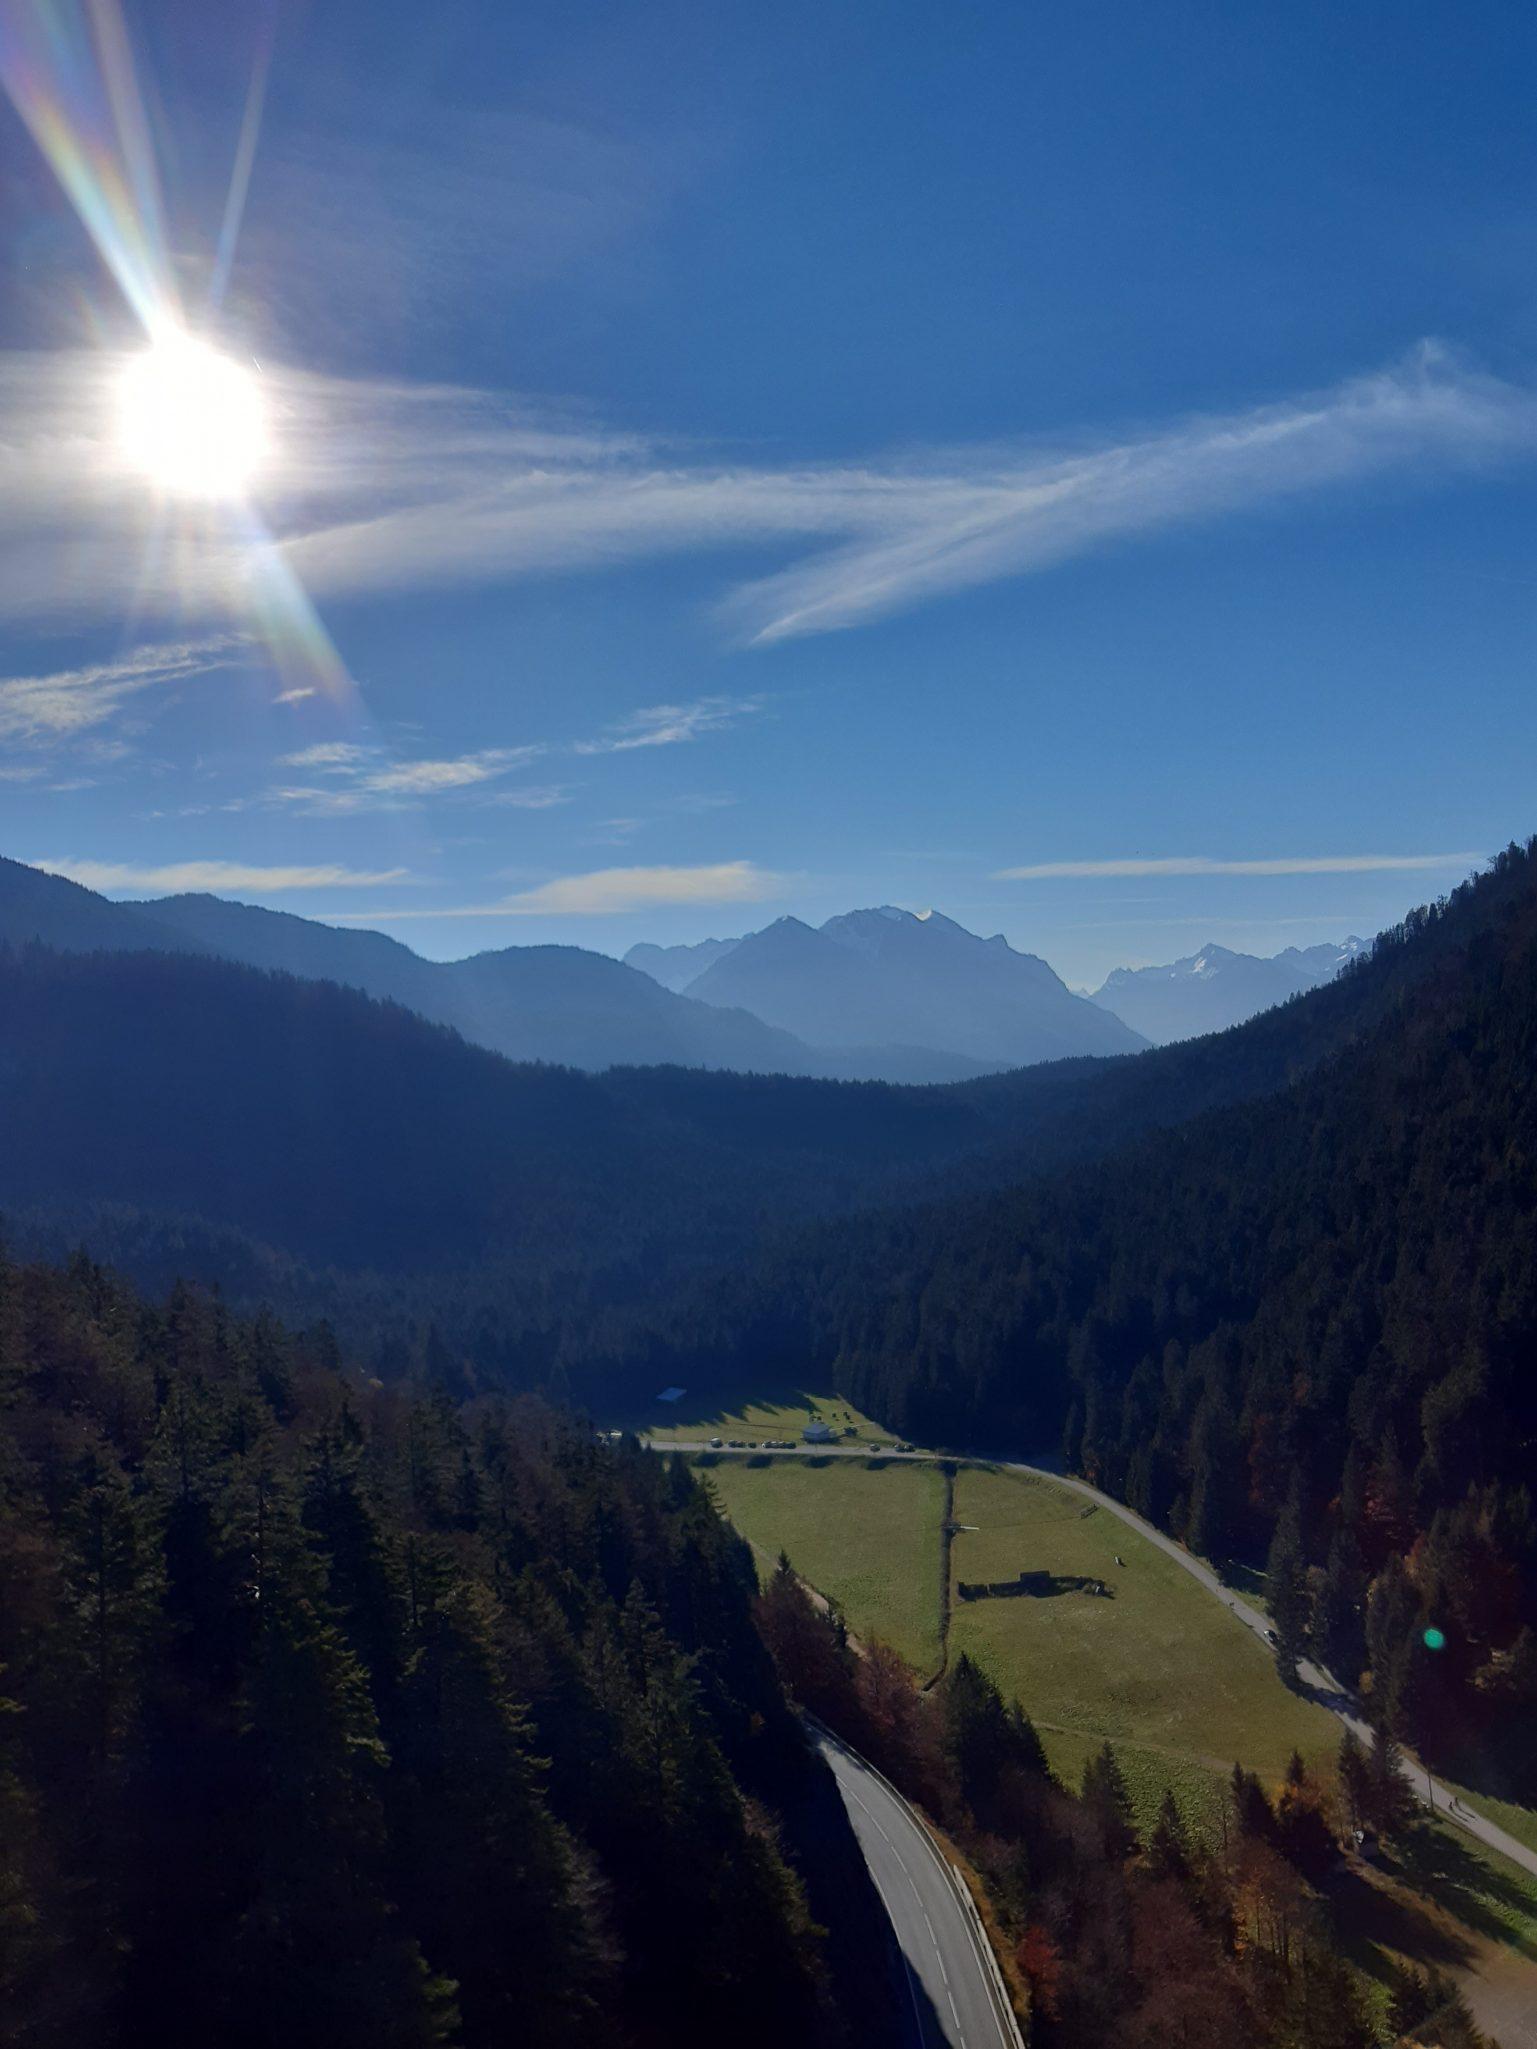 Fußgängerhängebrücke Reutte Aussicht in das Tal und der Bergwelt